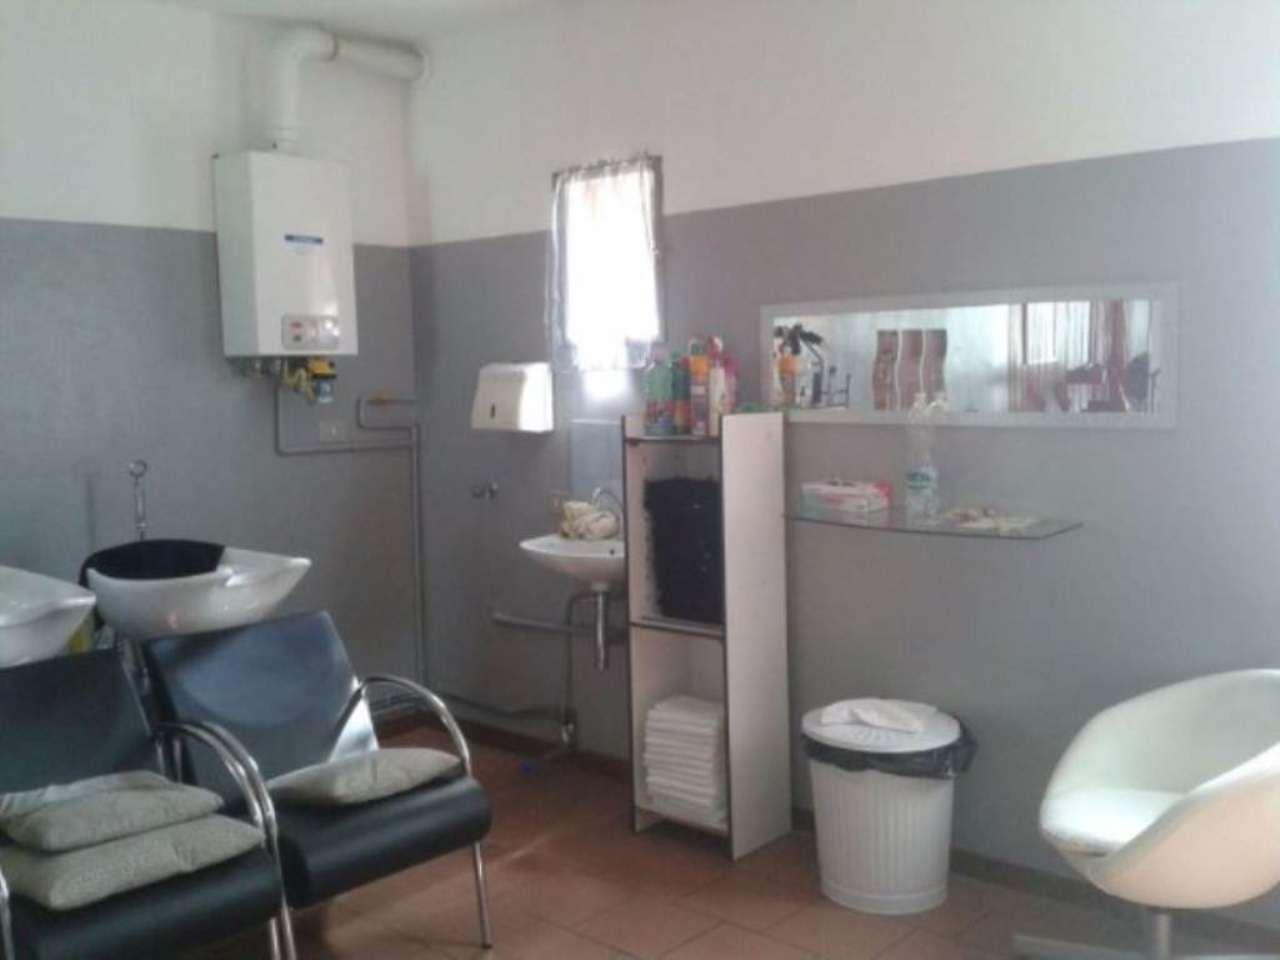 Negozio / Locale in vendita a Lodi, 2 locali, prezzo € 15.000 | Cambio Casa.it